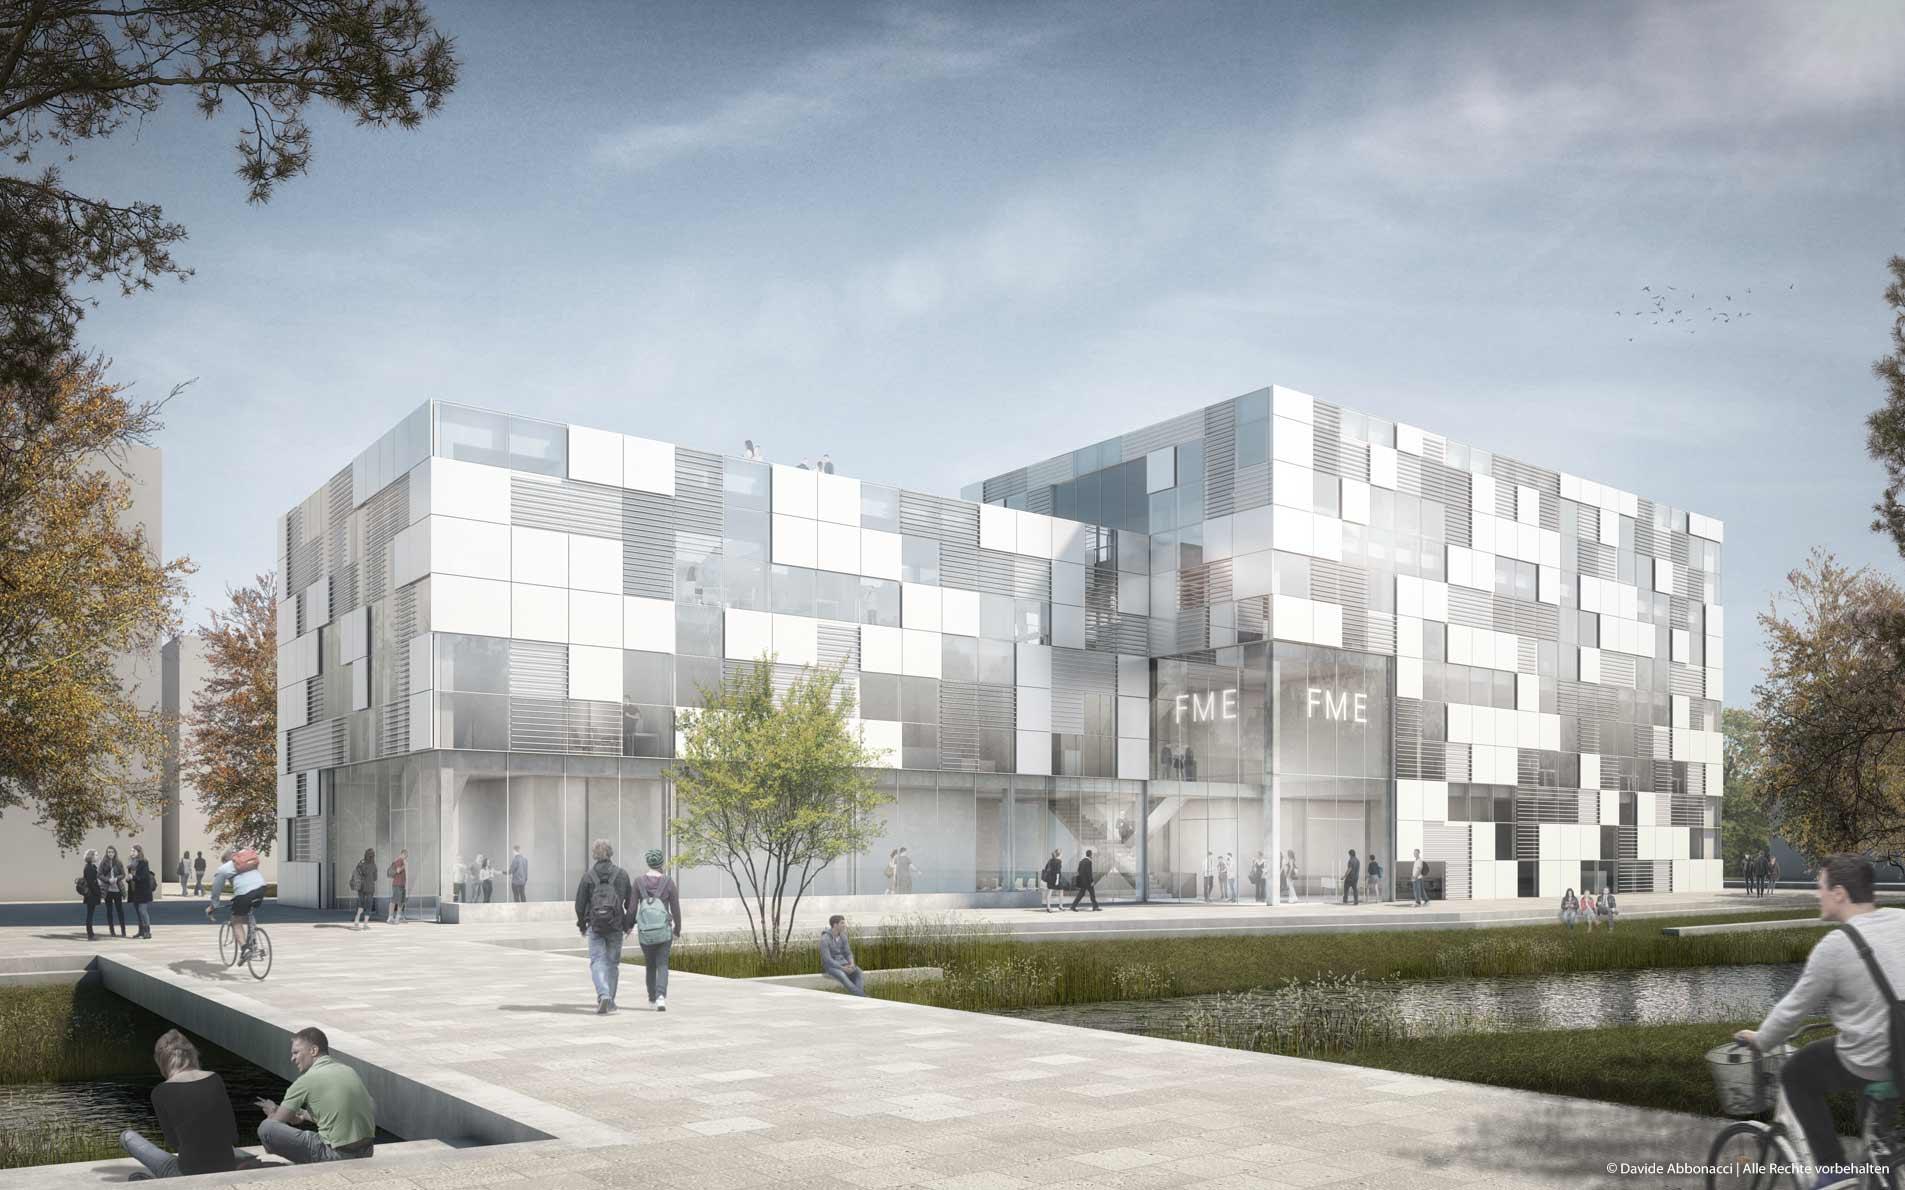 Neubau des Fachbereichs Maschinenbau und Energietechnik (ME) THM, Gießen   Erchinger Wurfbaum Architekten   2015 Wettbewerbsvisualisierung